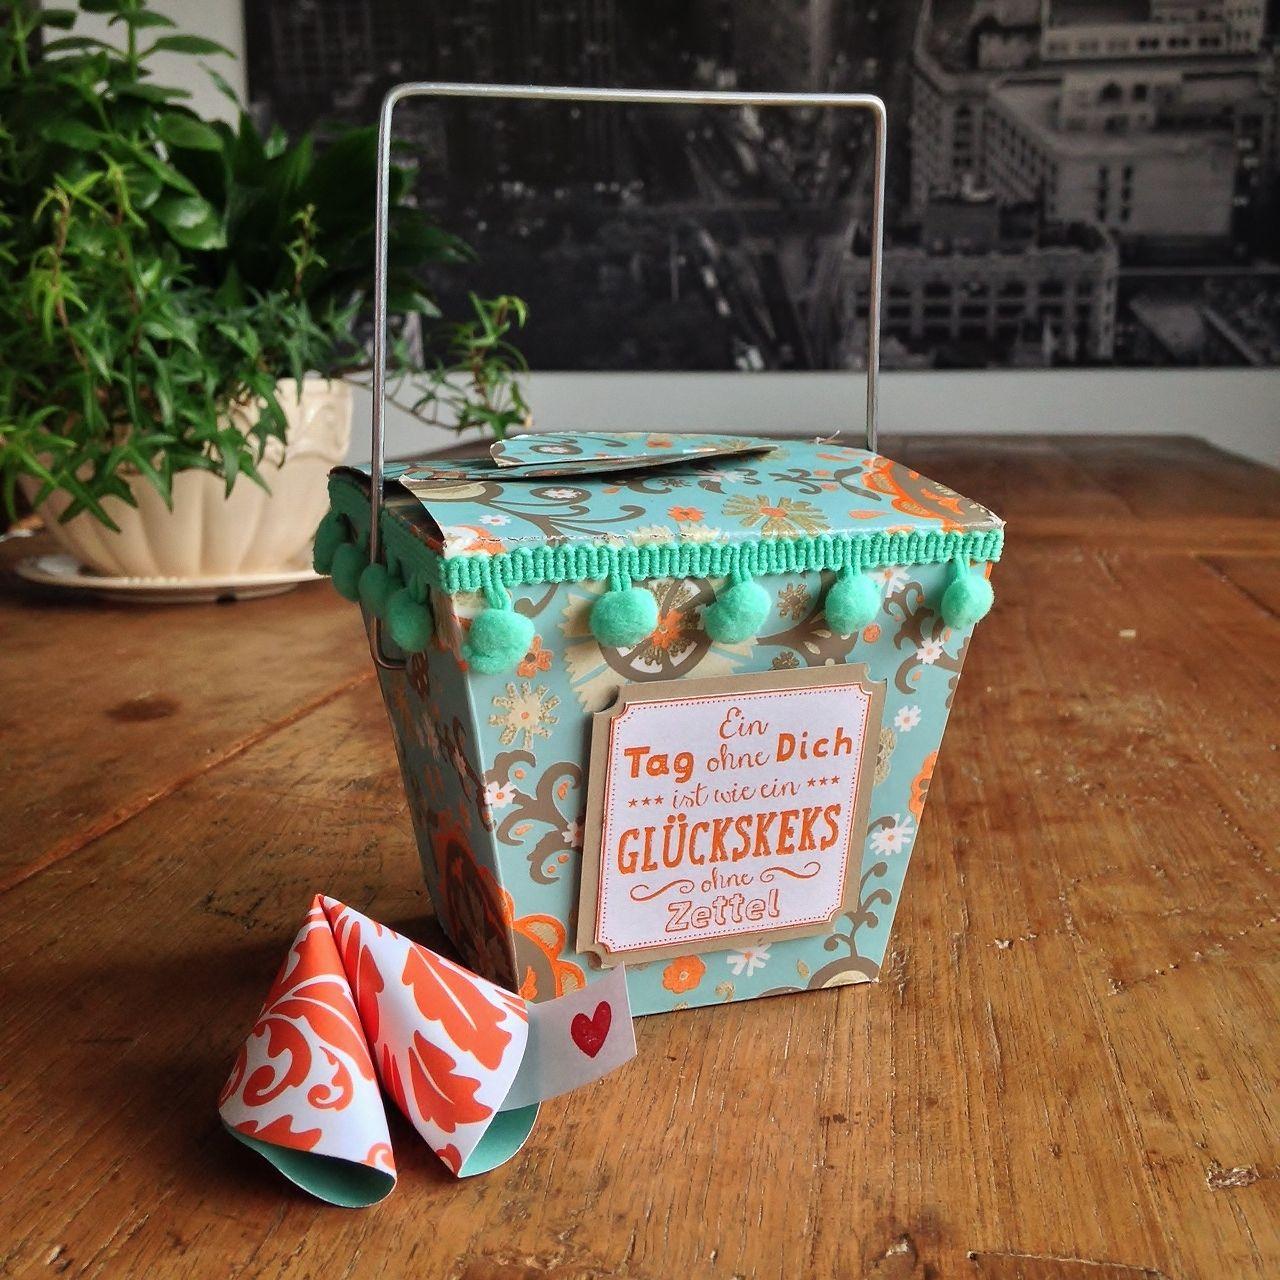 Chinabox zum Valentinstag. Vorlage: Takeout-Box vom Chinesen ...